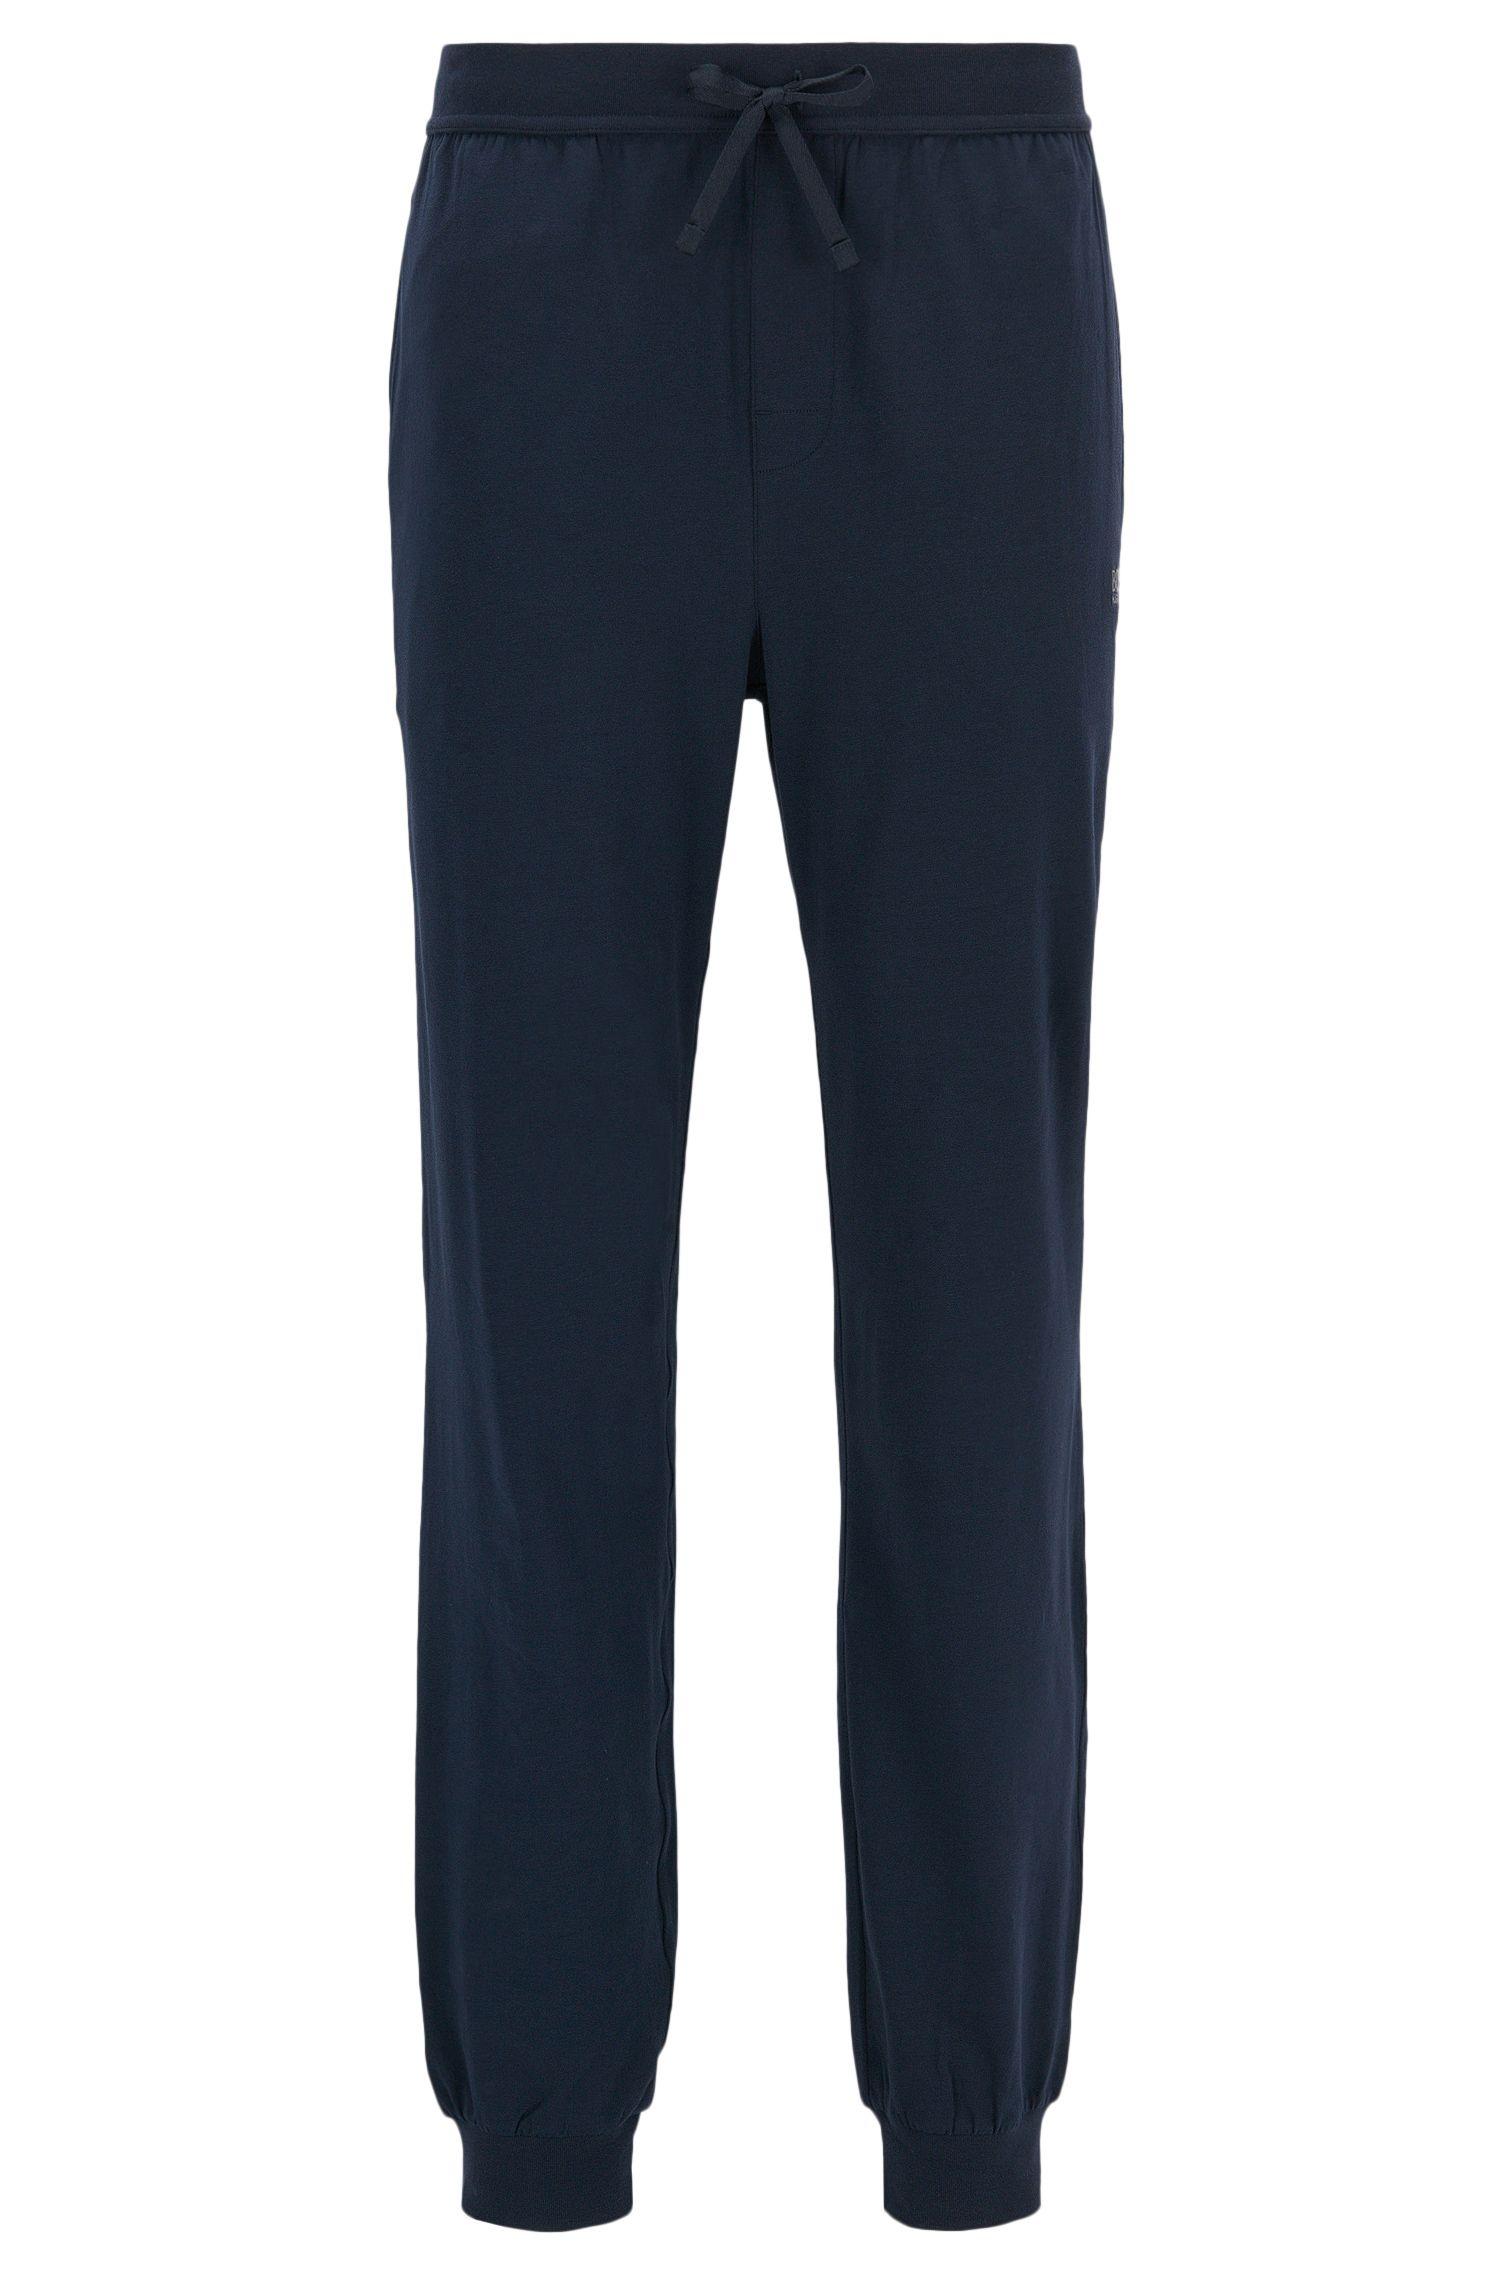 Pantalones loungewear con puños en algodón elástico, Azul oscuro